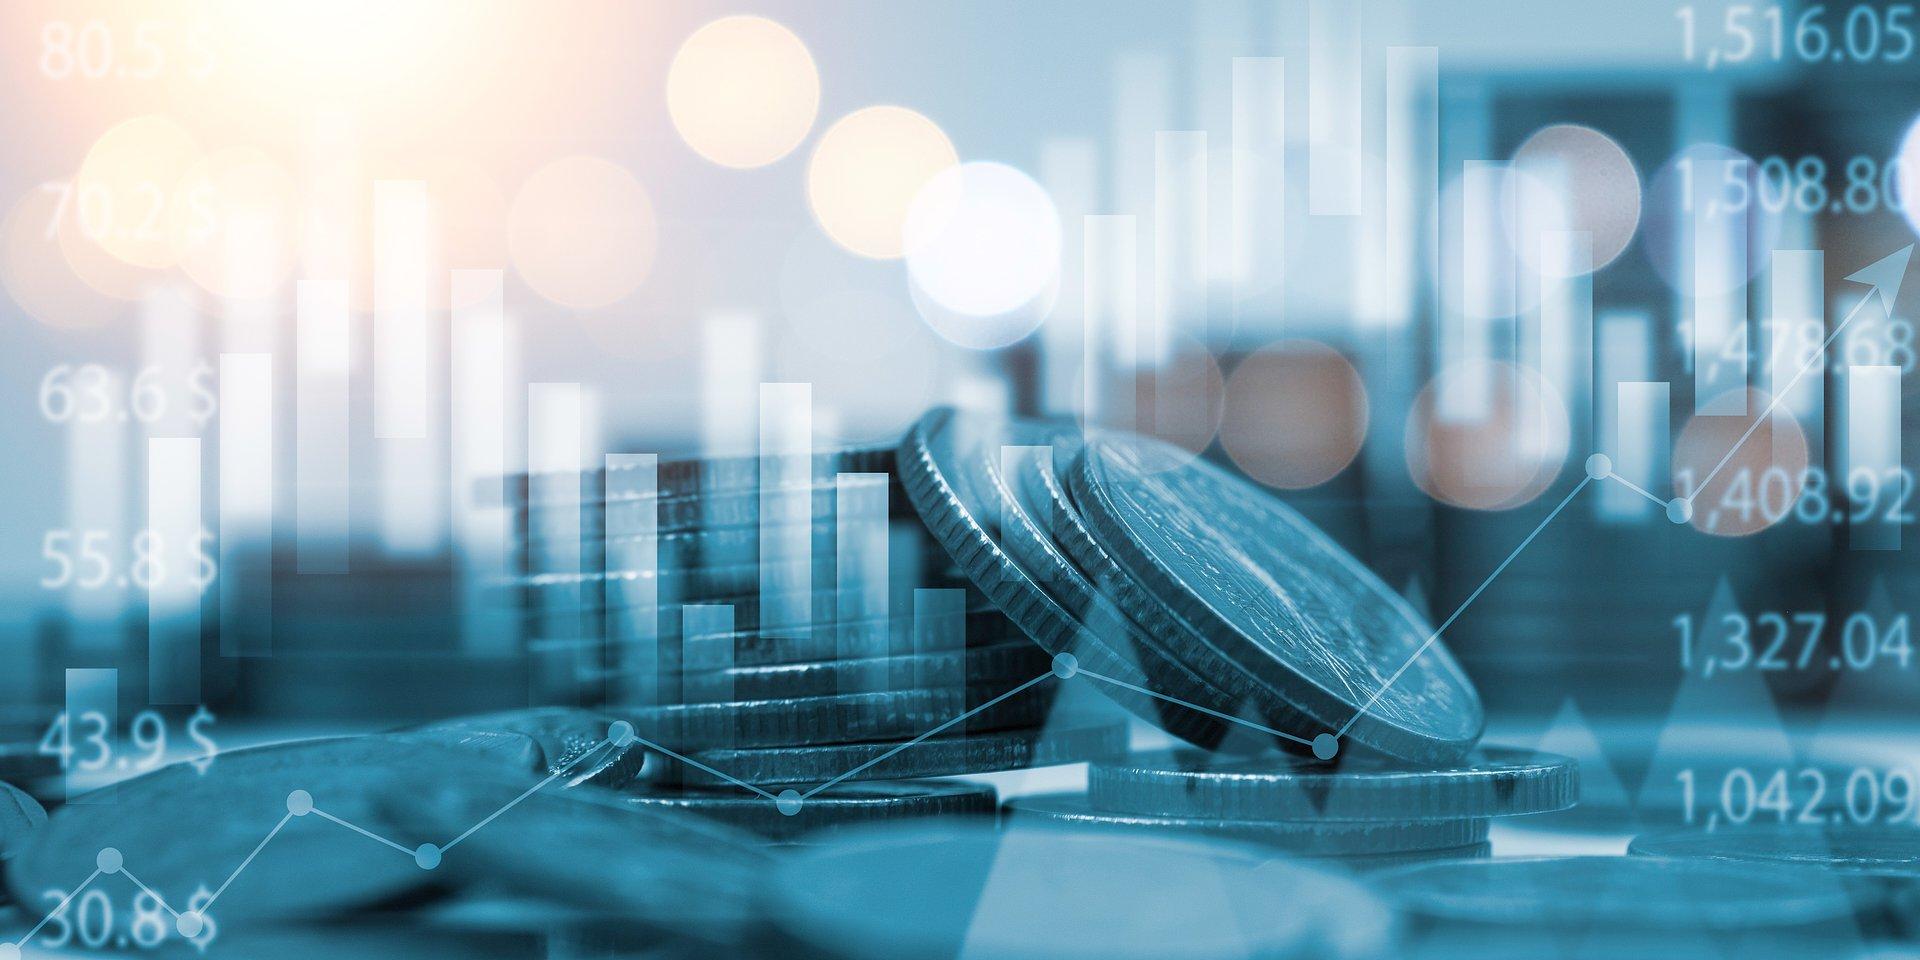 Pierwsza międzynarodowa emisja obligacji na rzecz Funduszu Przeciwdziałania COVID-19